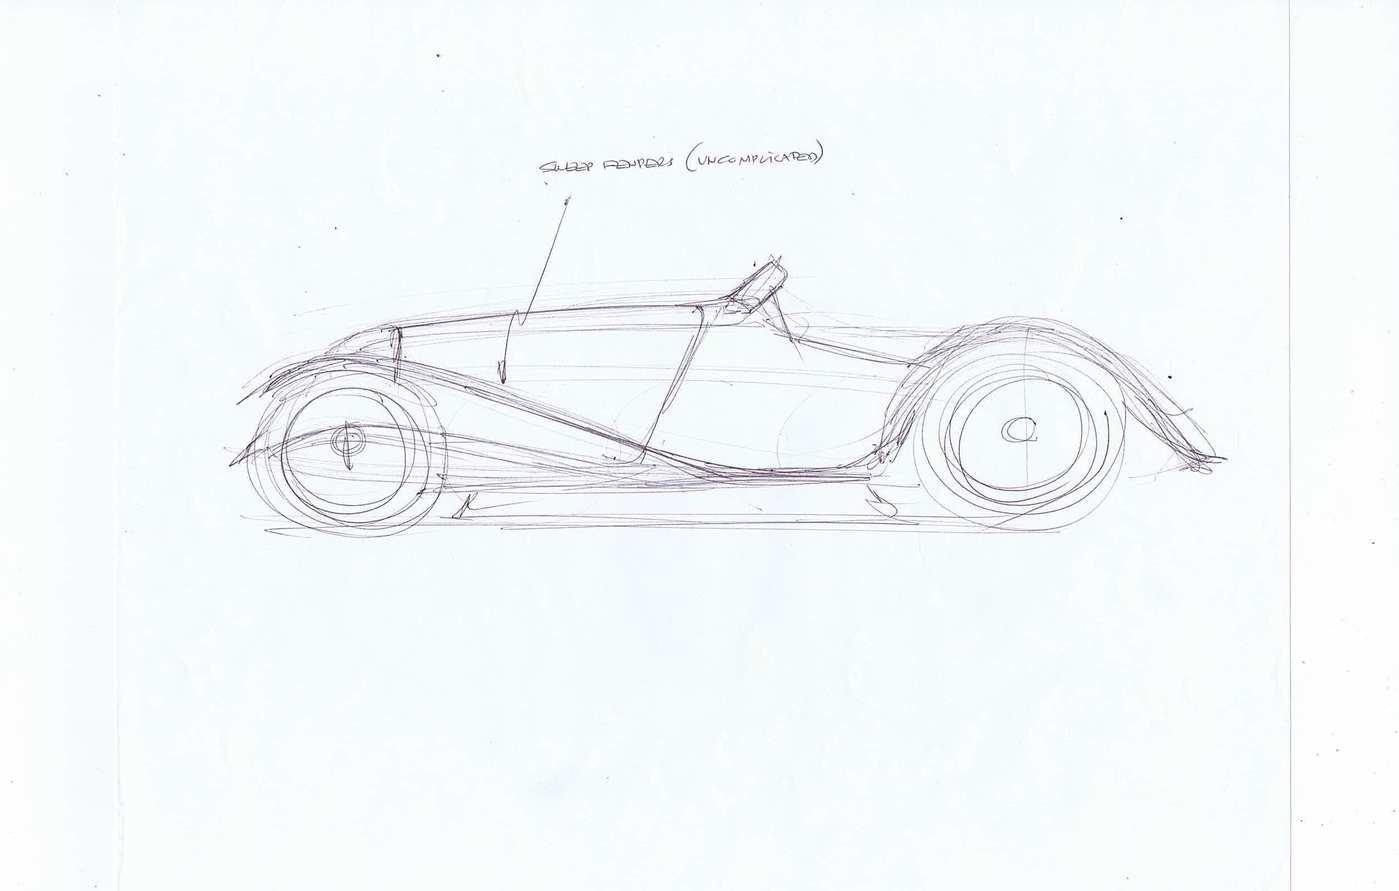 Moal Waynecarini Roadster By Alberto Hernandez